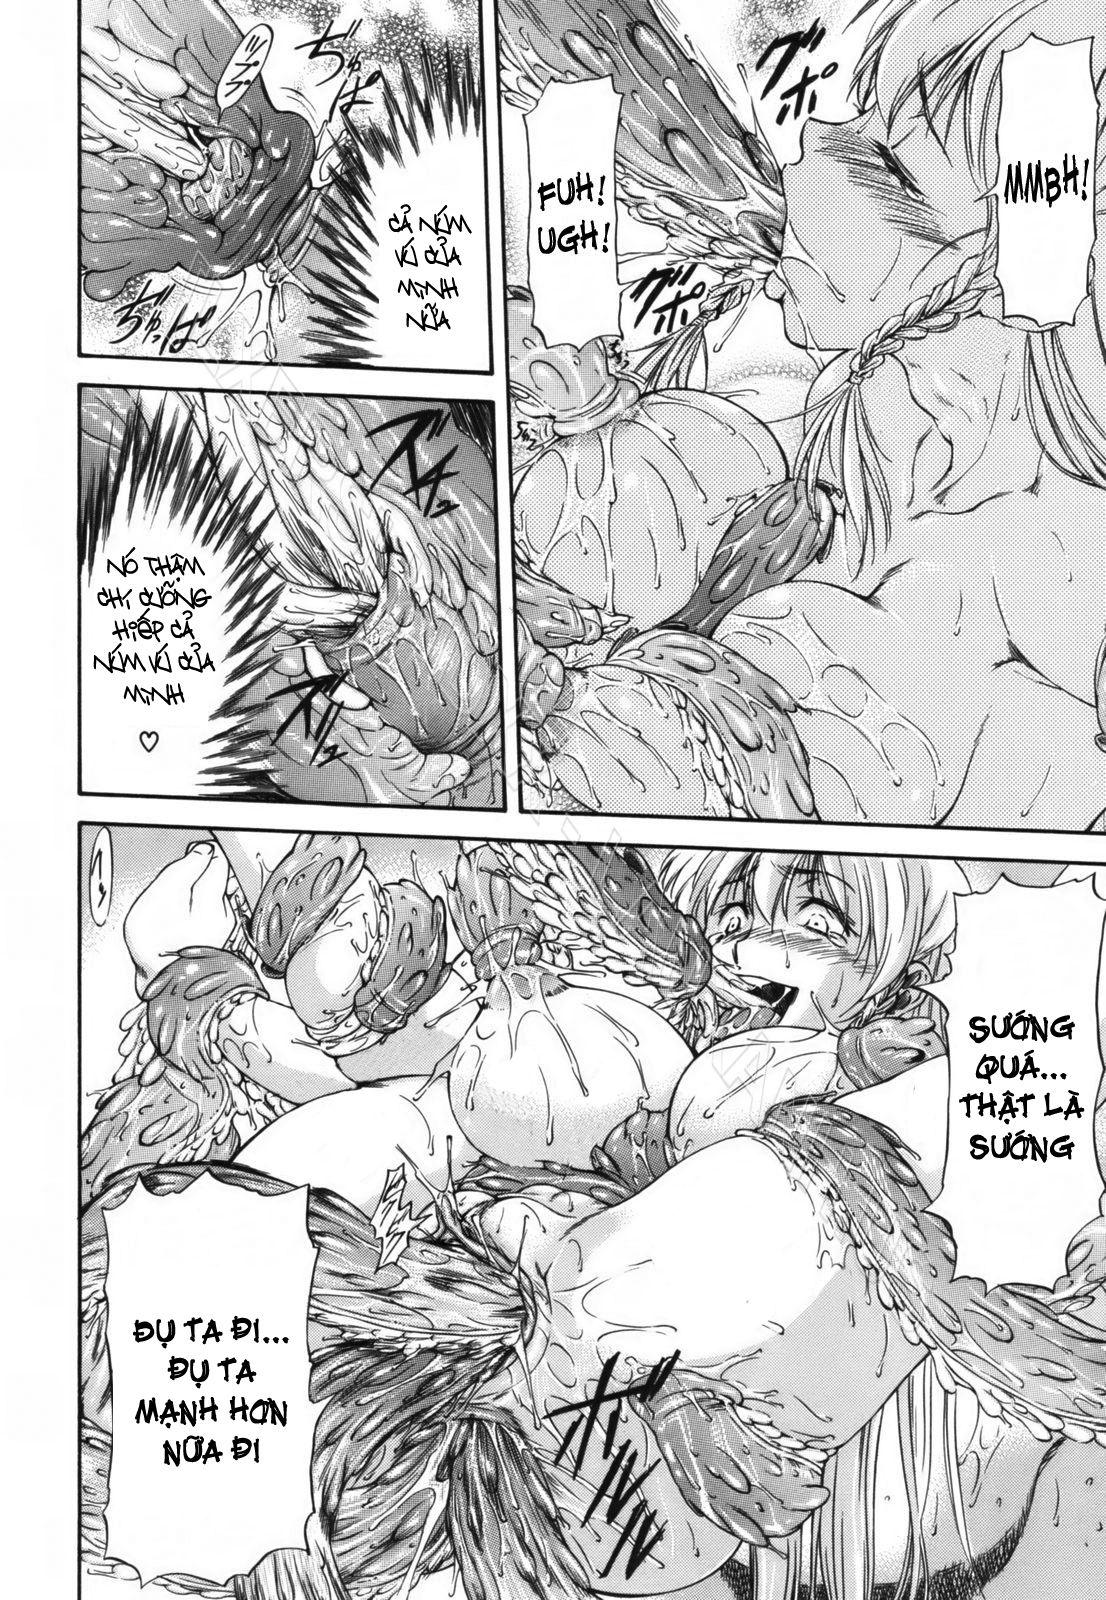 Hình ảnh Hinh_019 trong bài viết Truyện tranh hentai không che: Parabellum